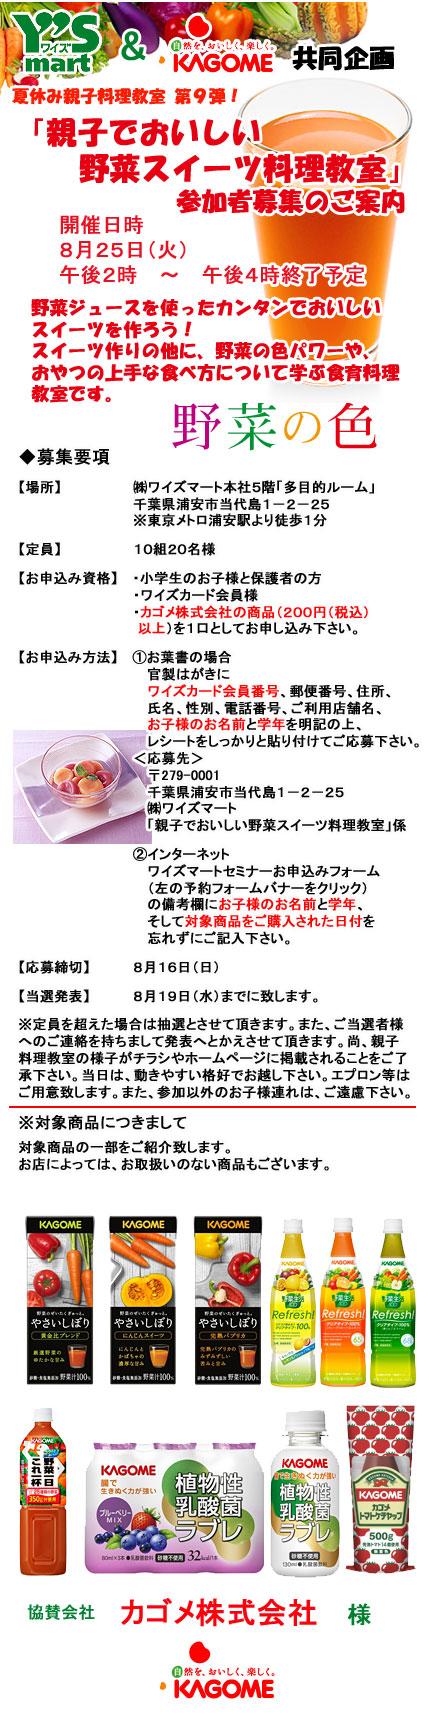 親子でおいしい野菜スイーツ.jpg